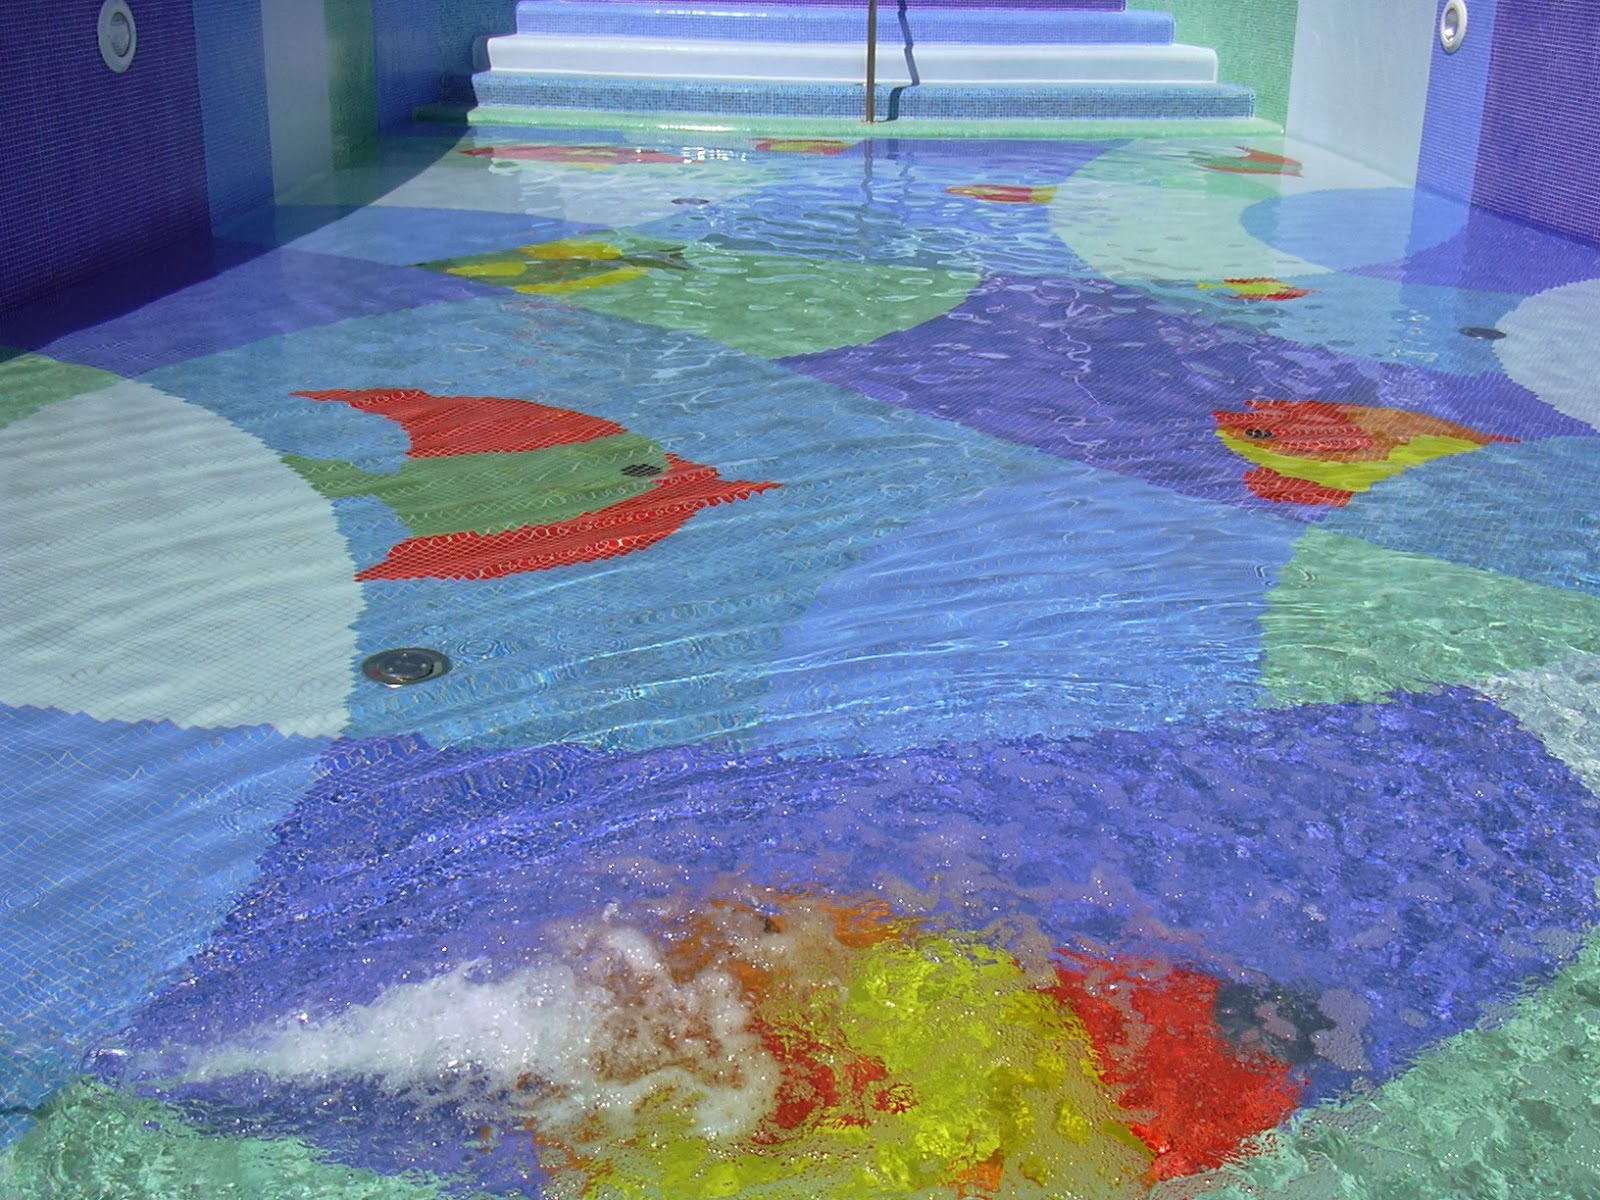 impermeabilizzare vasca piscina